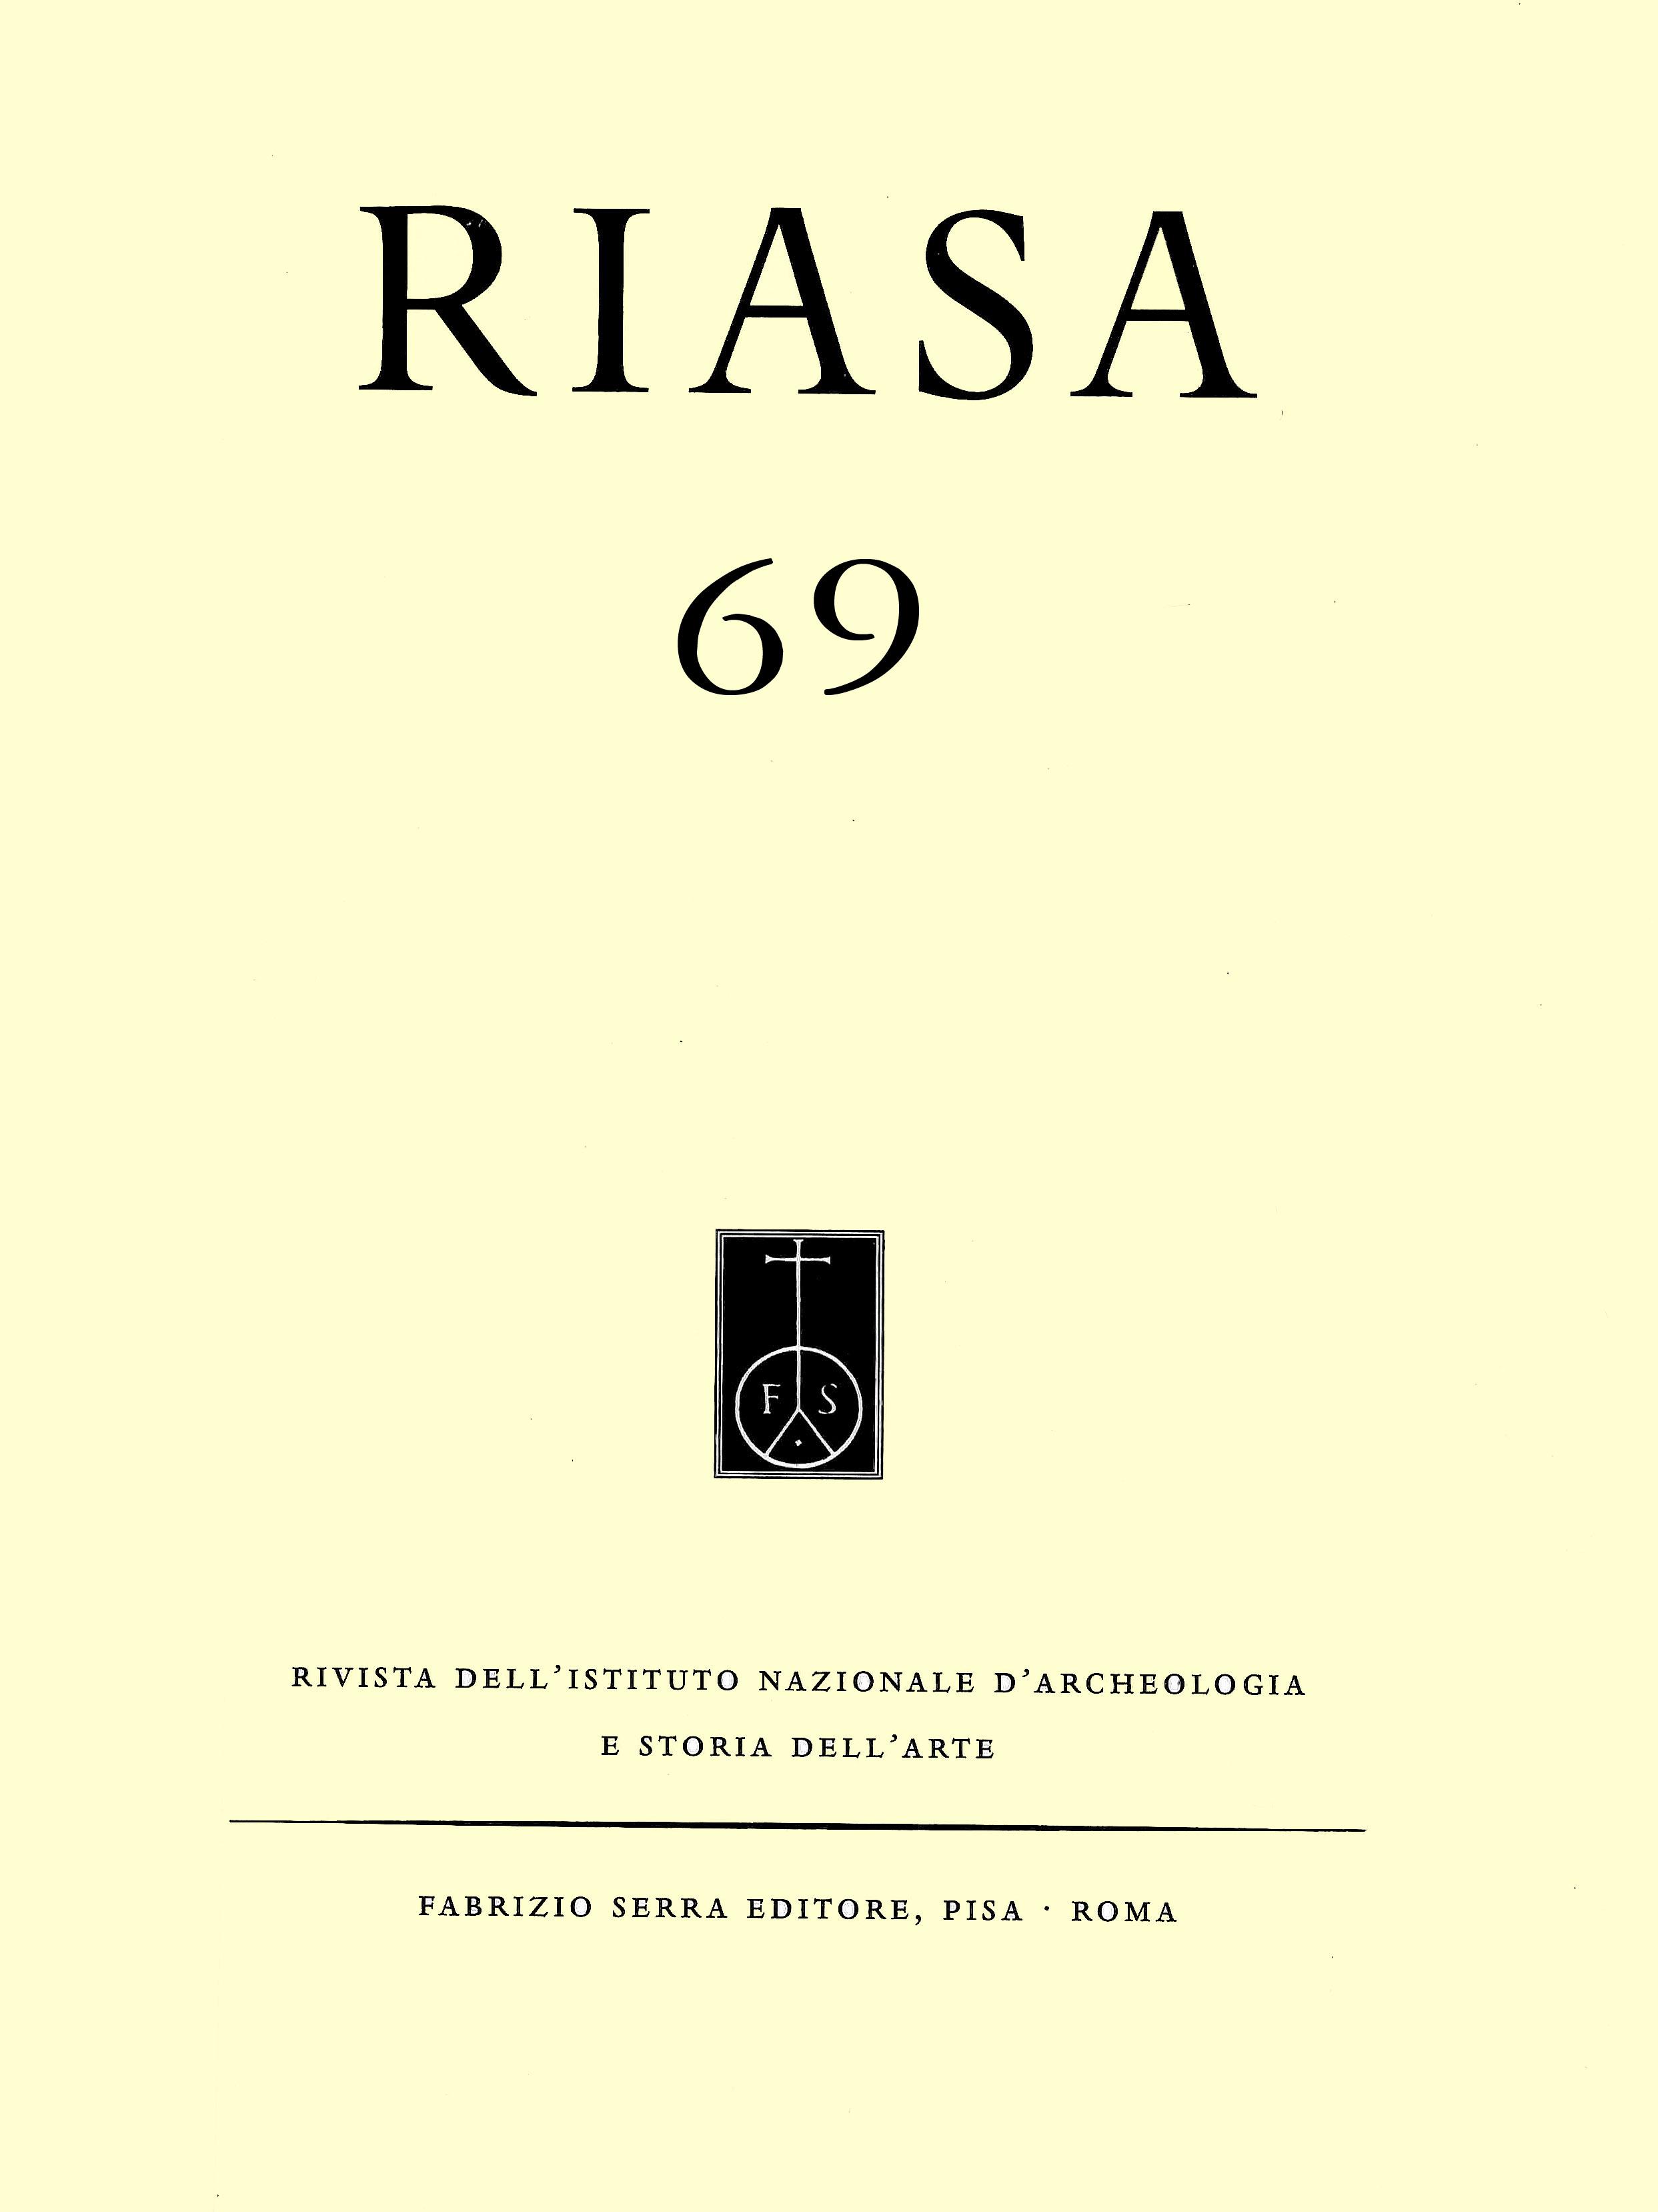 RIASA 69